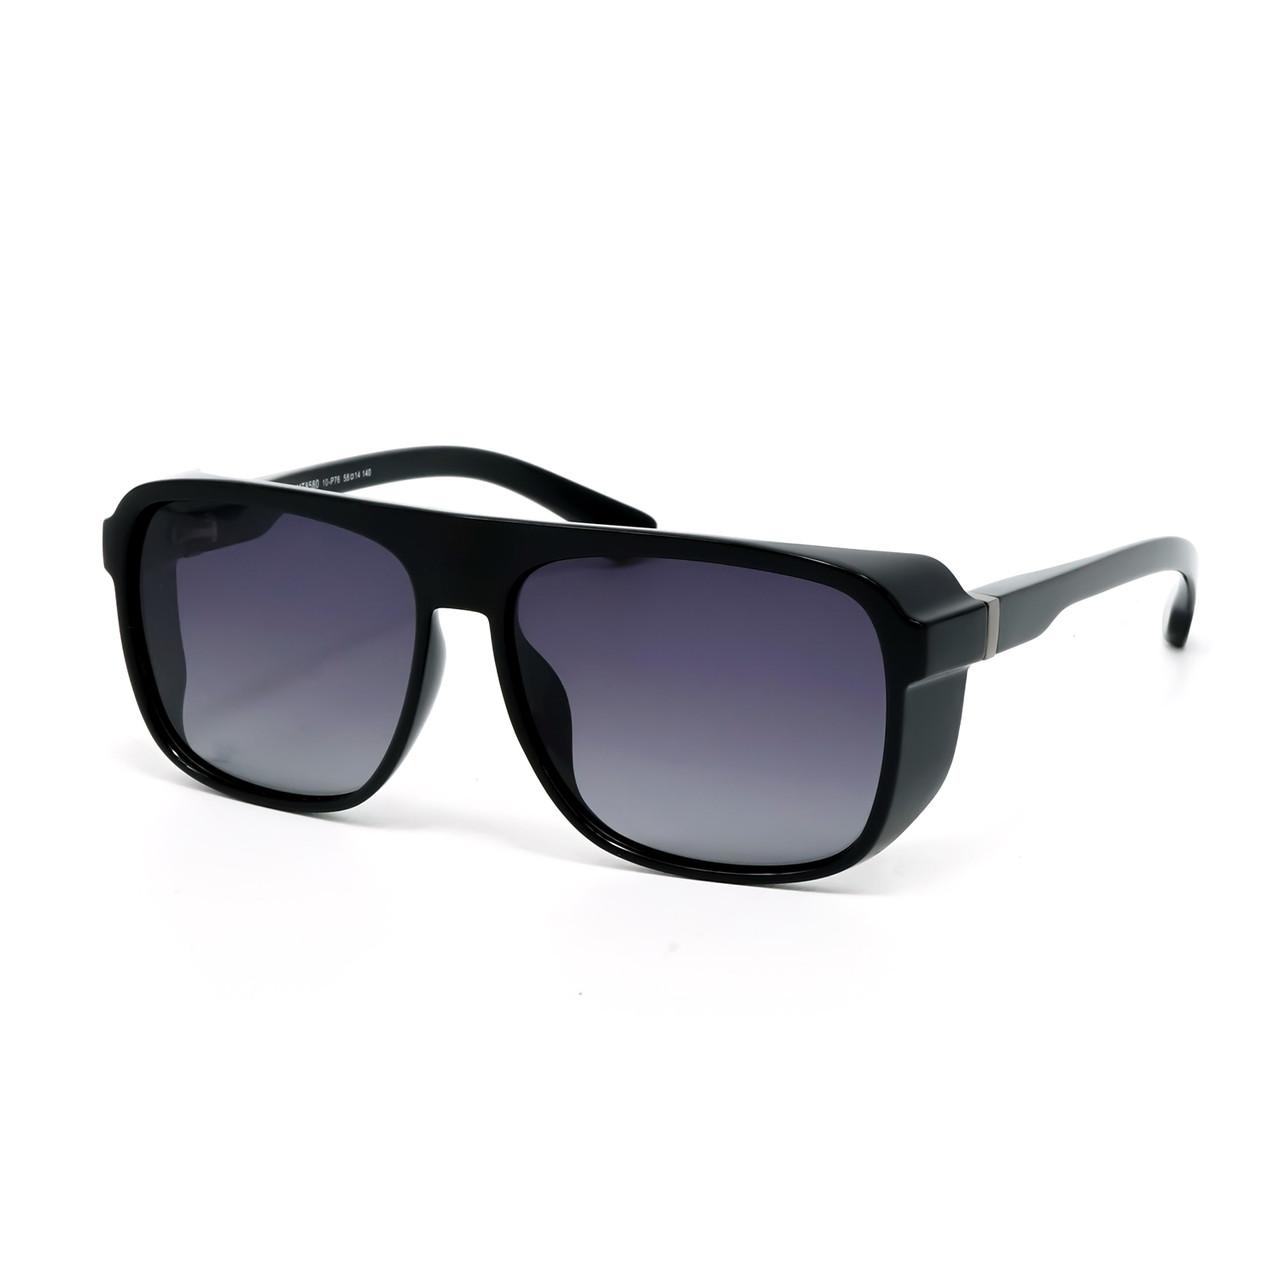 Сонцезахисні окуляри Matrix MT8580 10-P76 з градієнтом глянцеві ( MT8580-10-P76 )